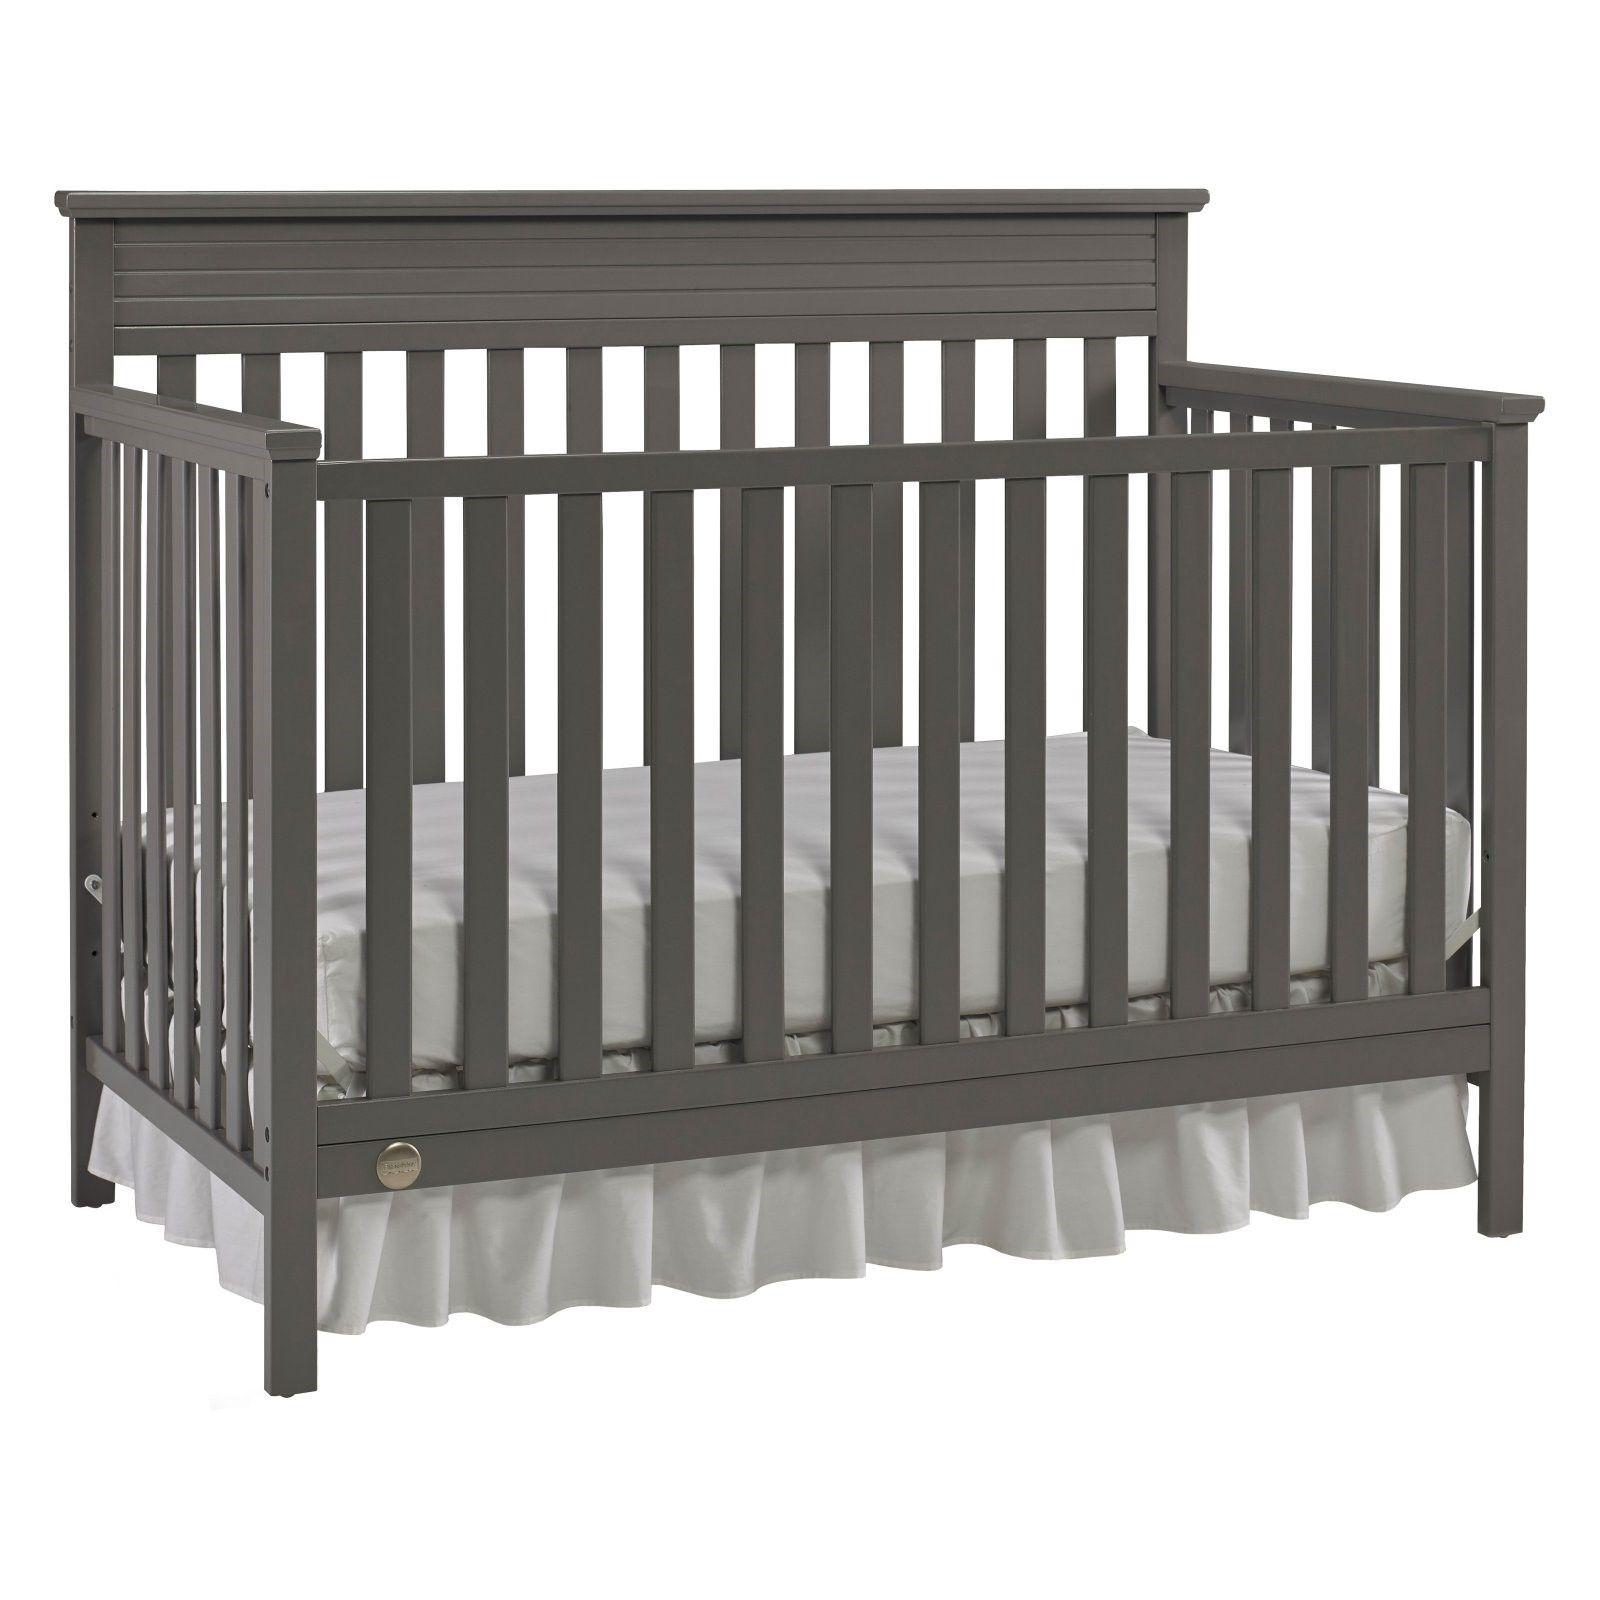 FisherPrice Newbury 4in1 Convertible Crib, Grey